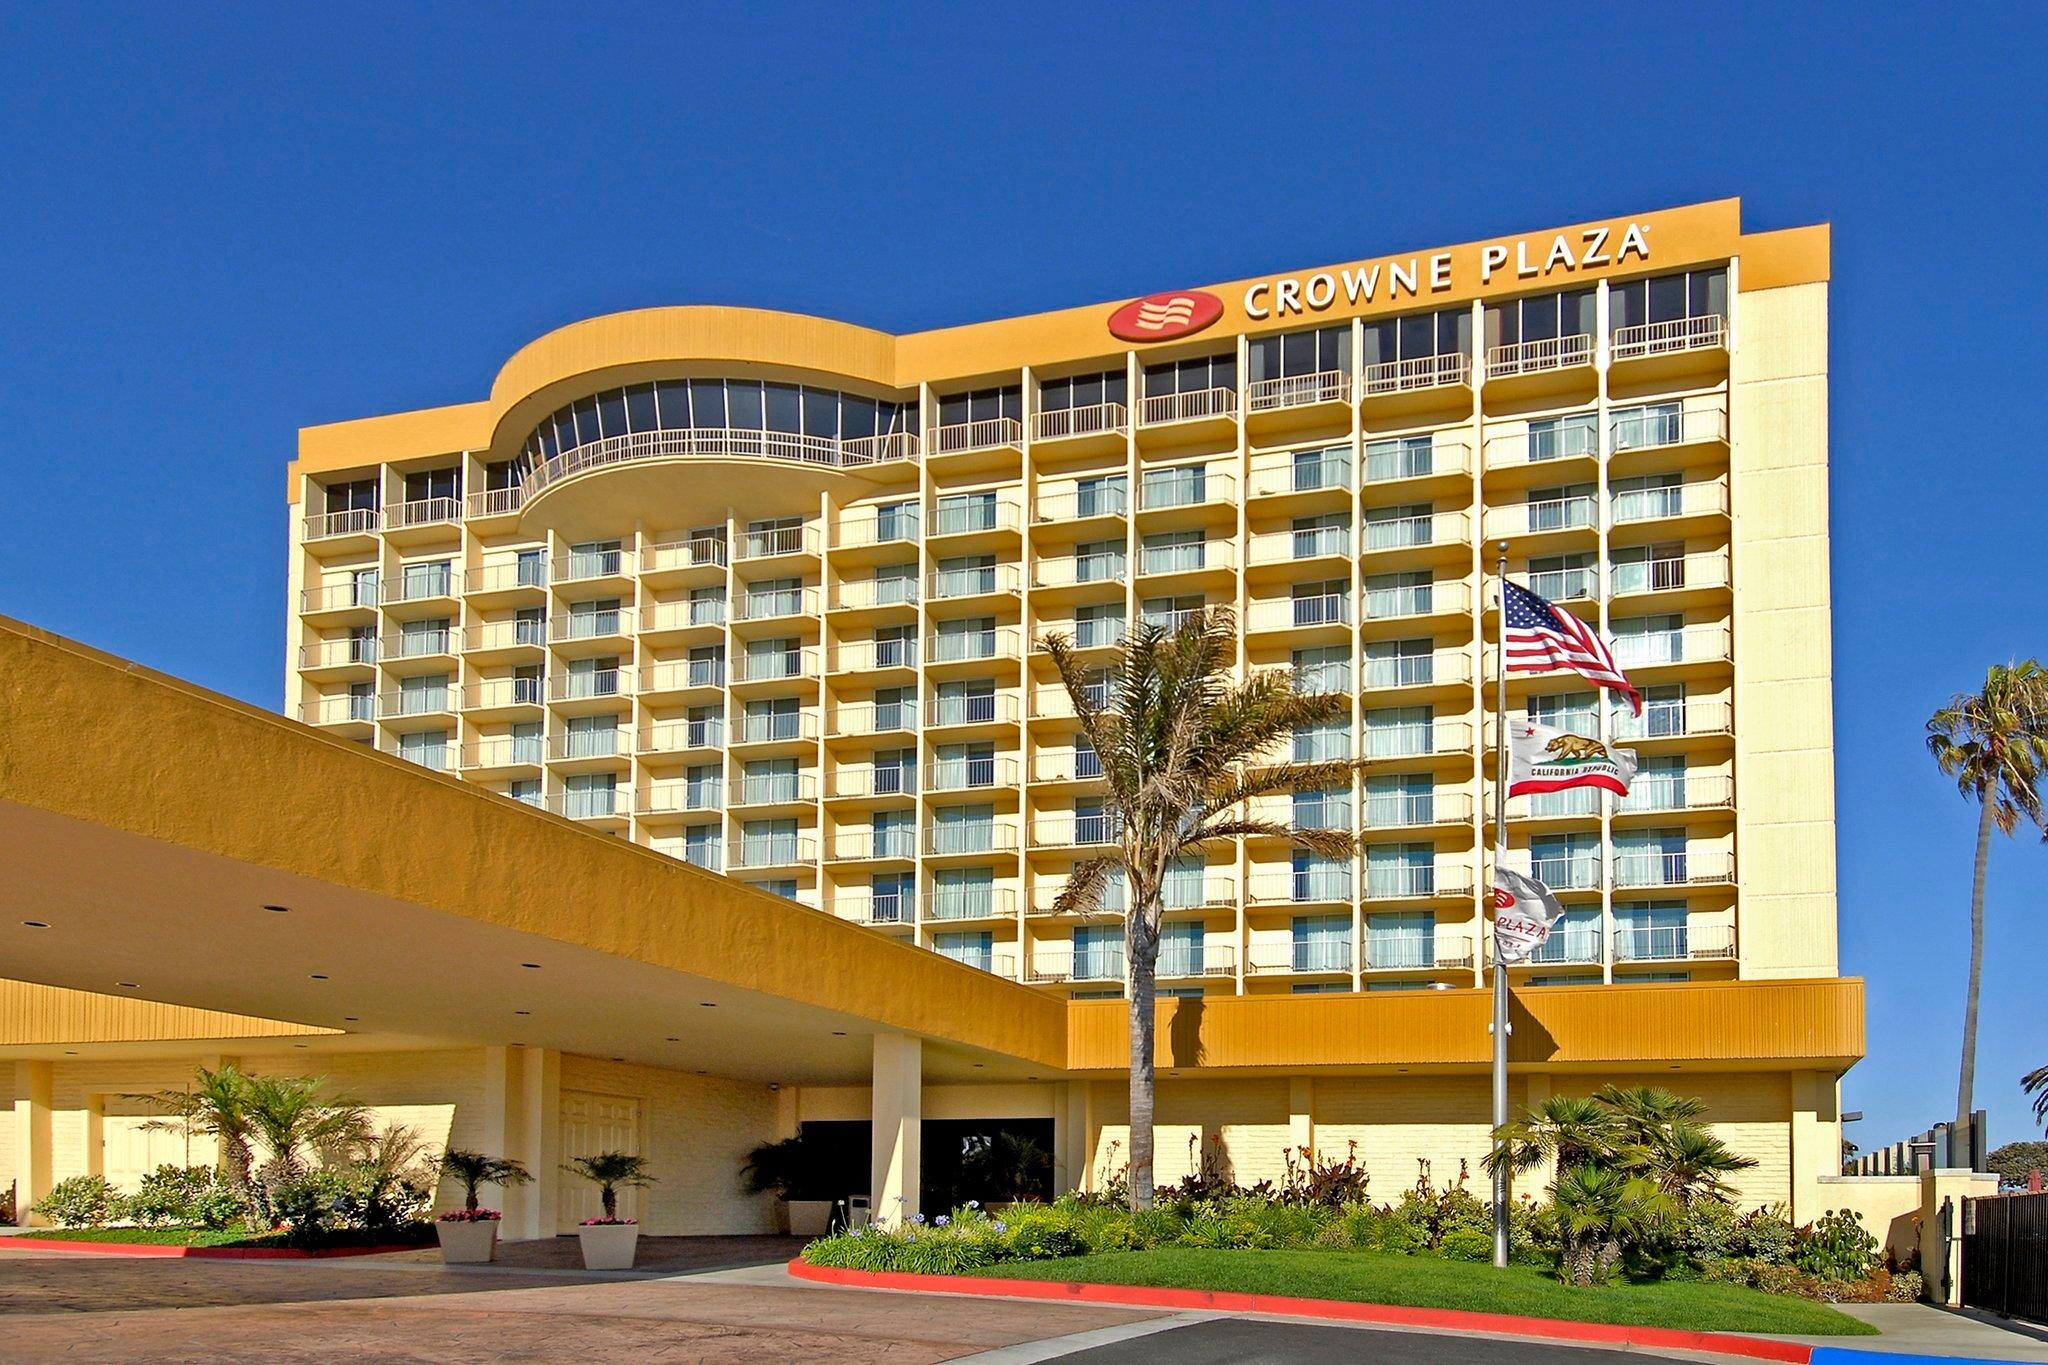 クラウンプラザ ホテル ベンチュラ ビーチ